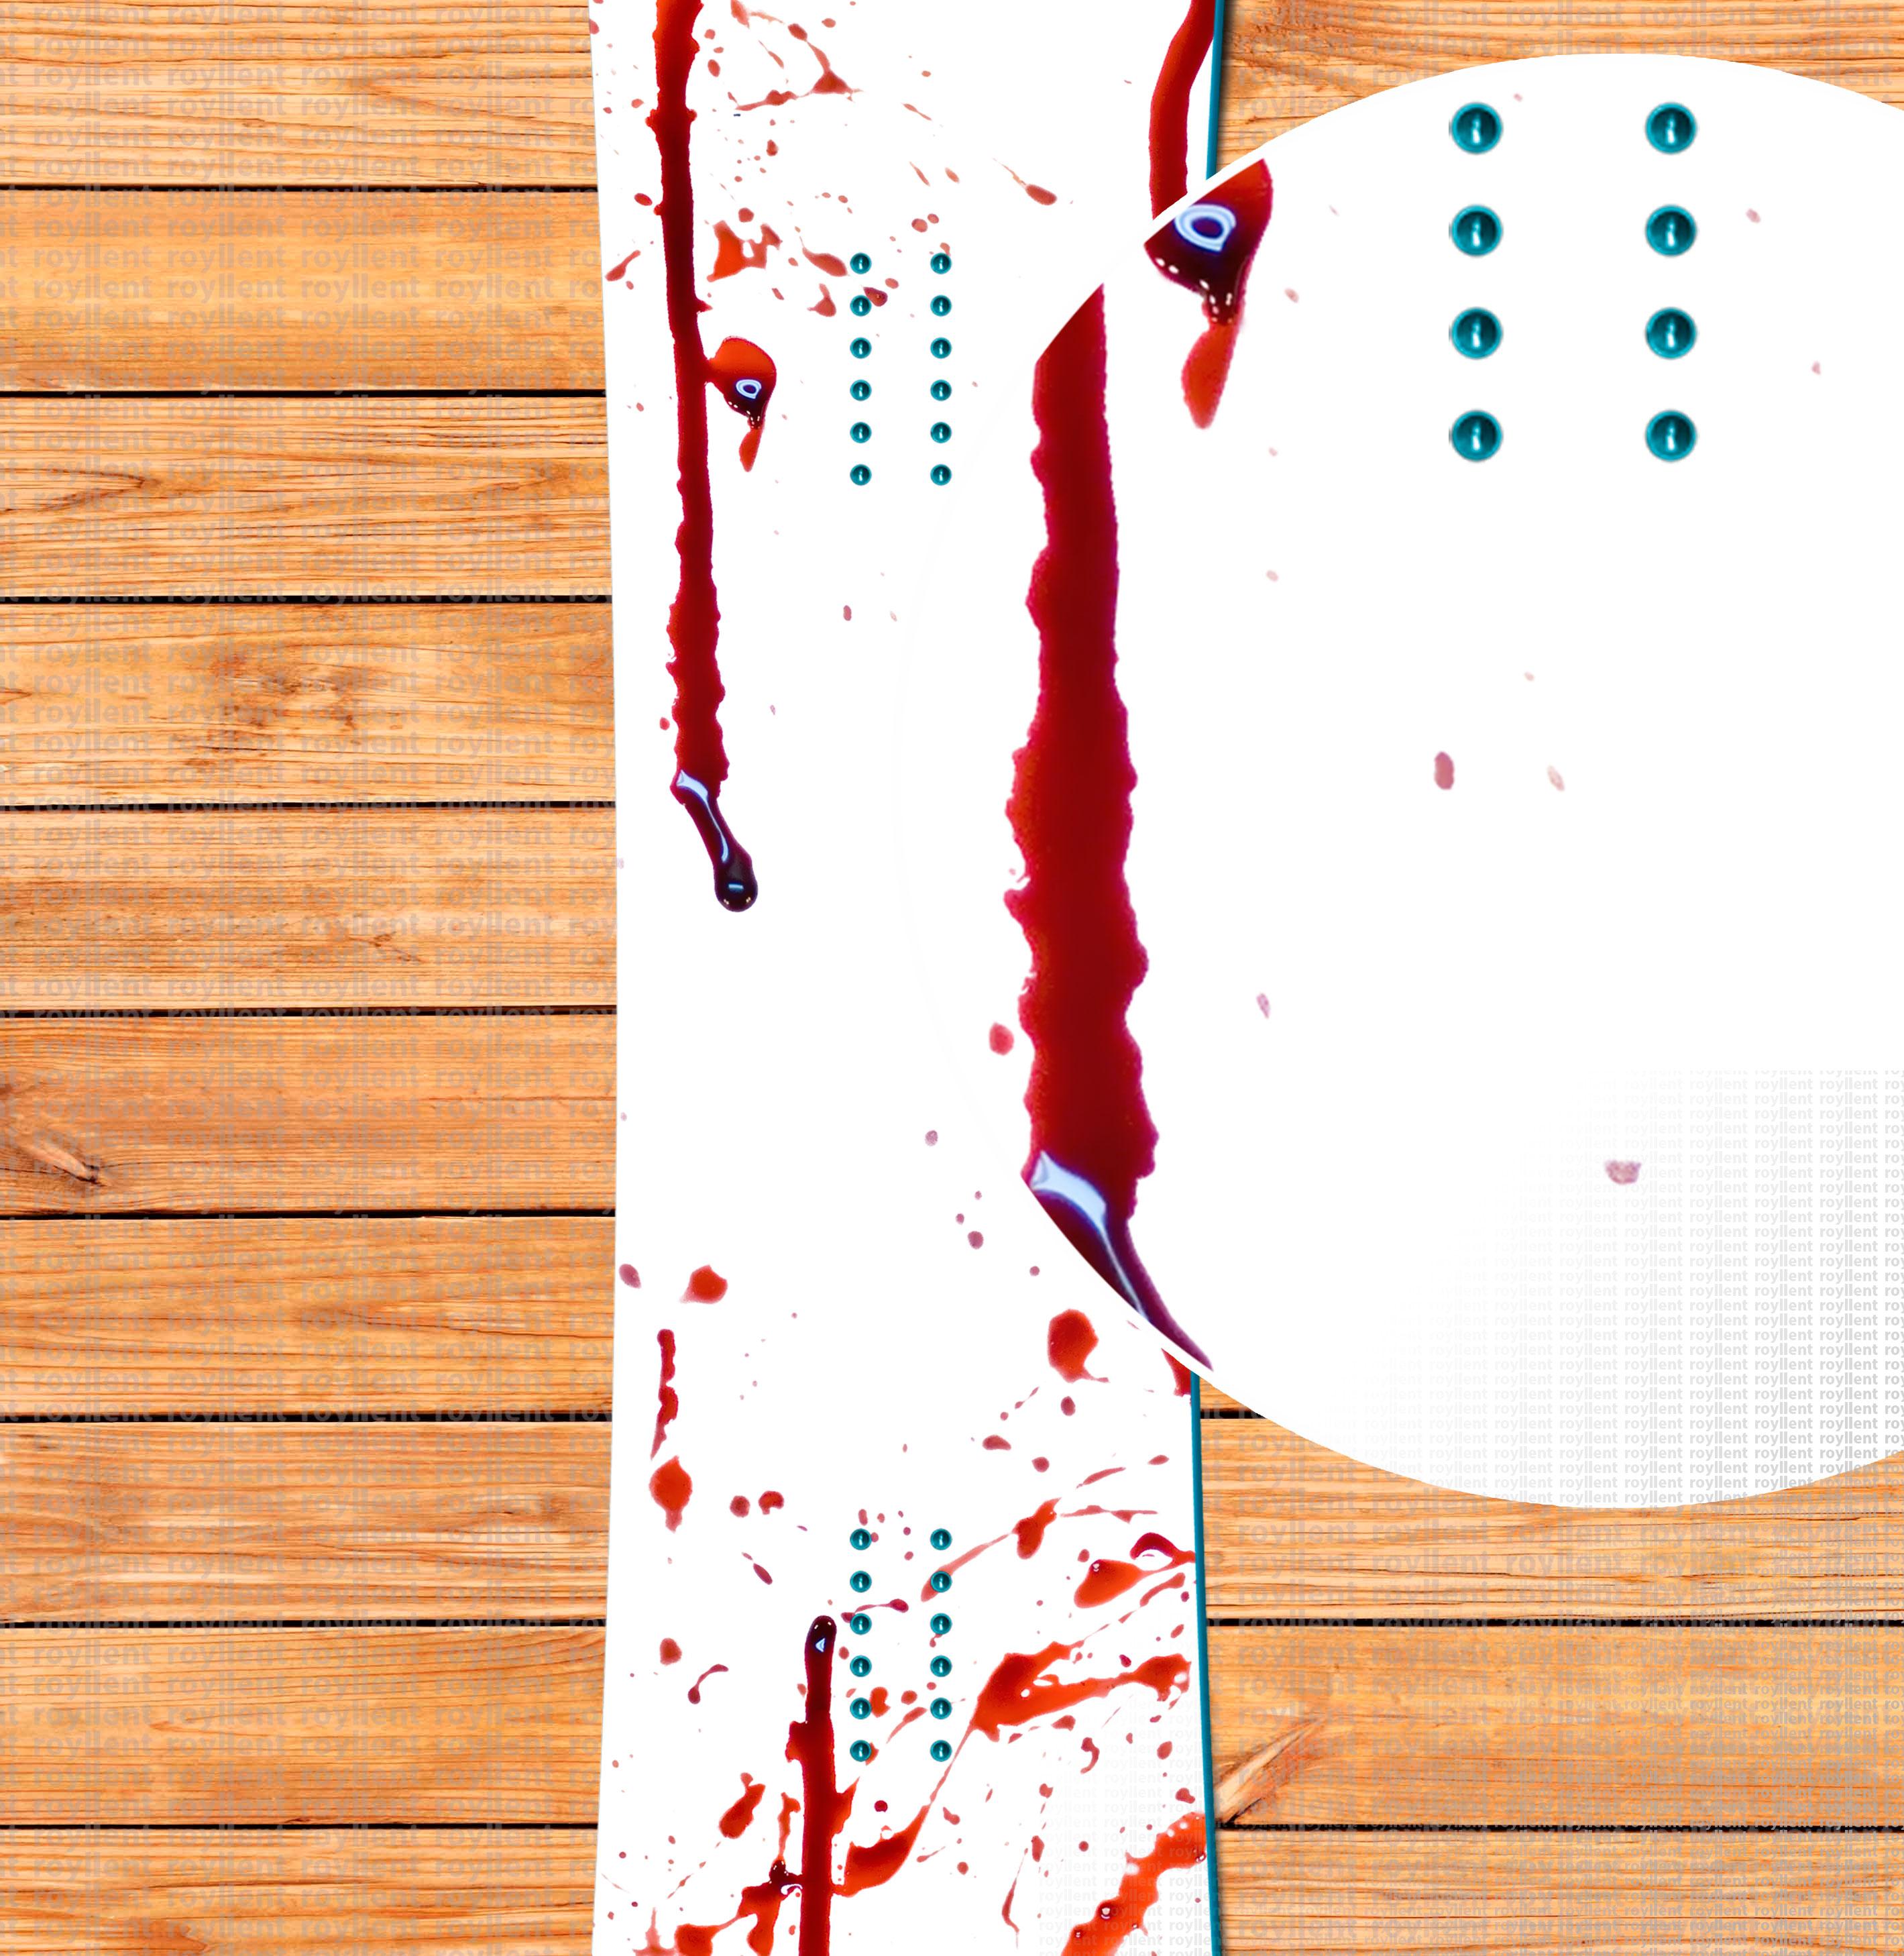 blood snowboard design sticker 2016 Купить с доставкой по России интернет магазин наклеек в стиле кровь